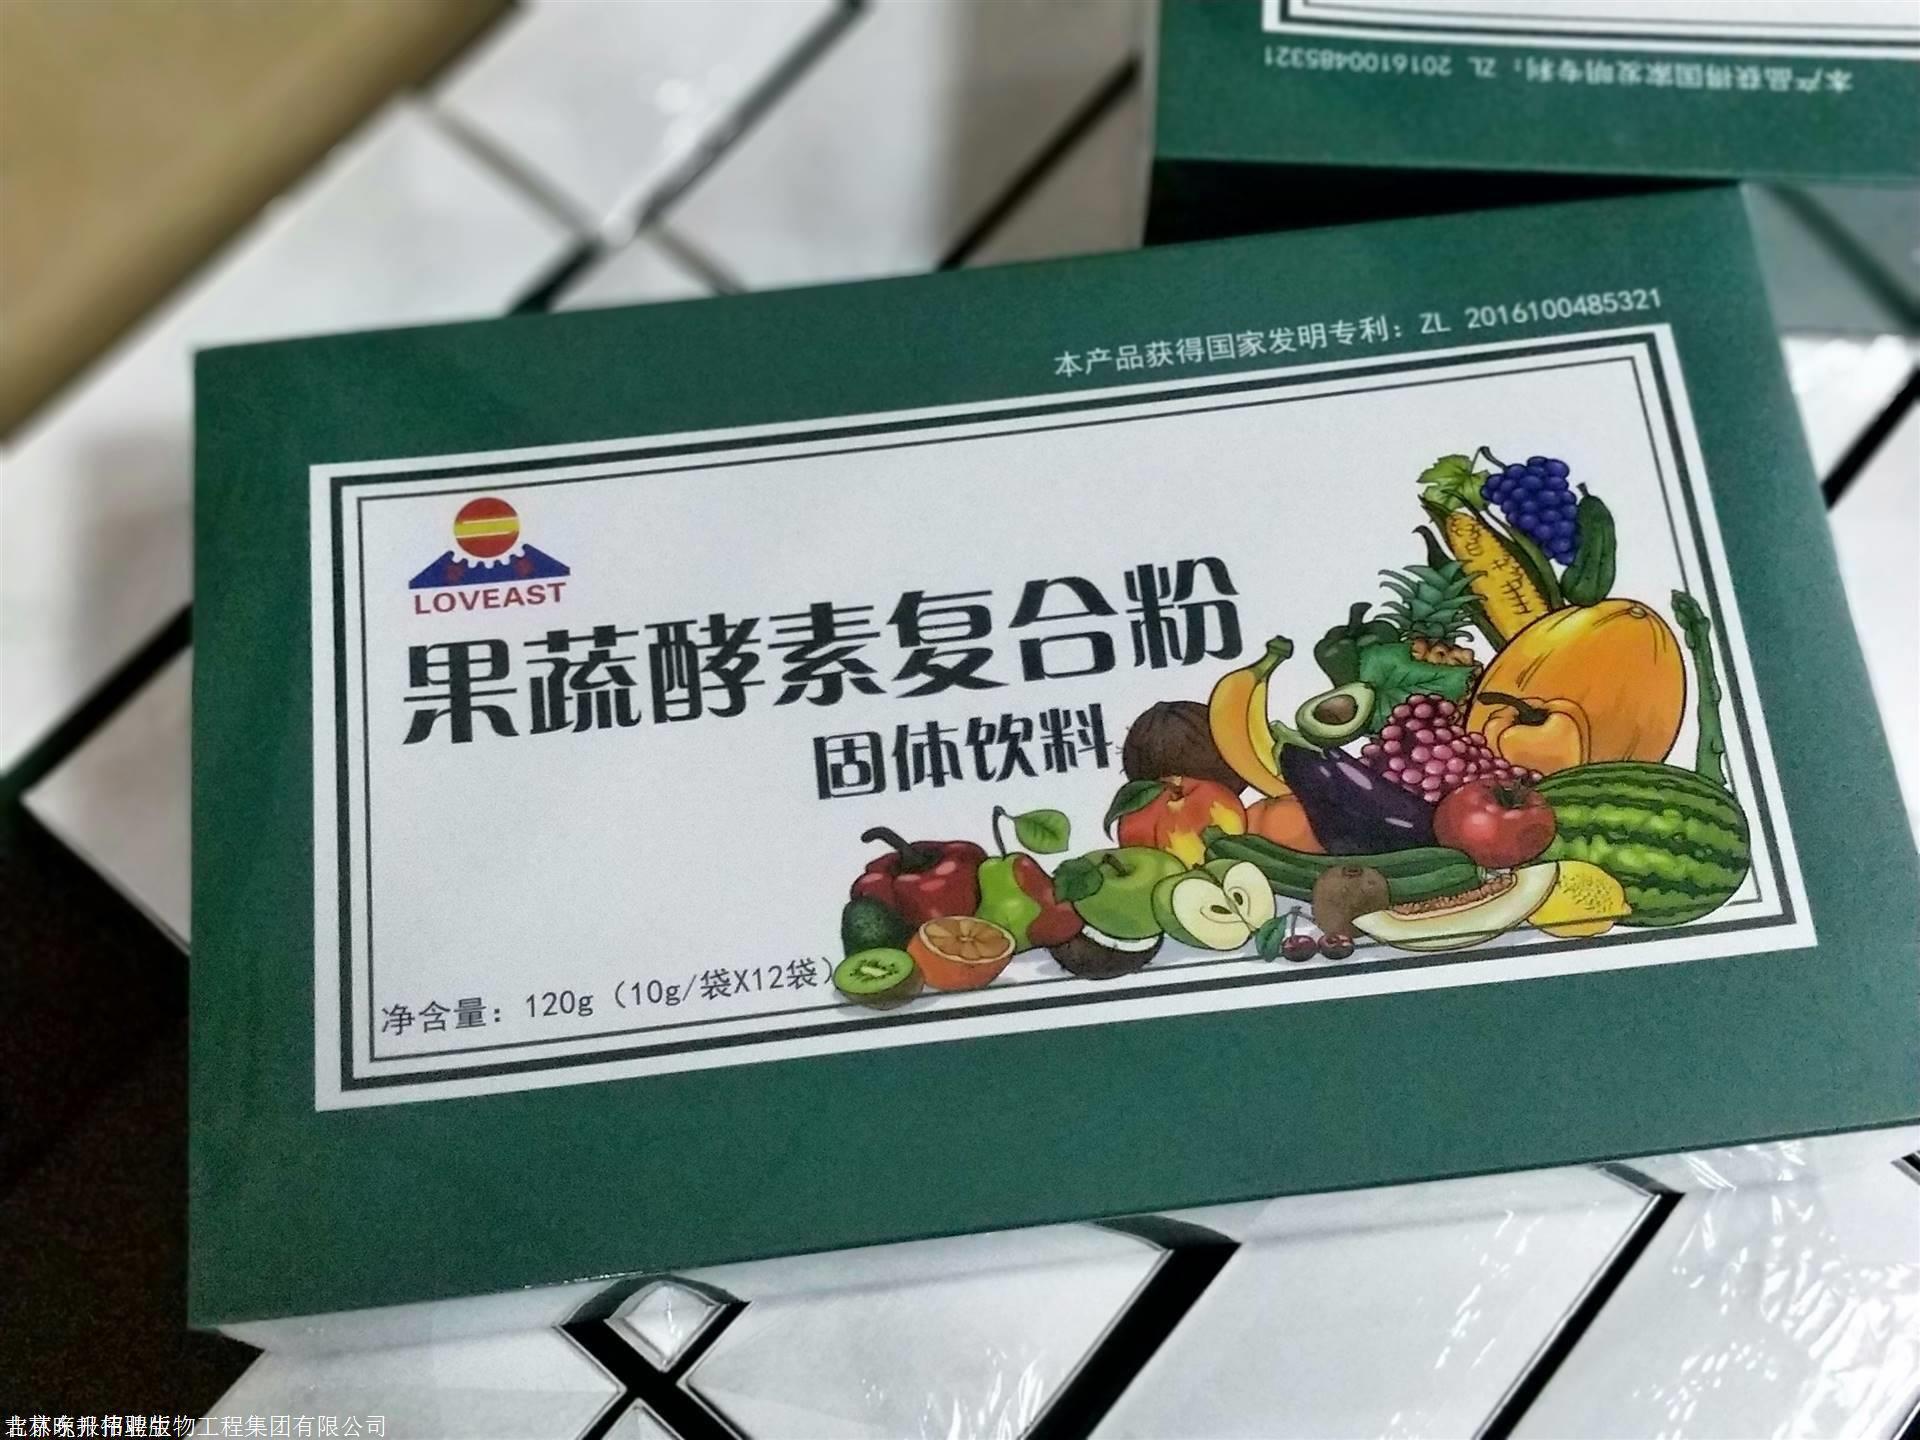 东升藤黄果效果怎么样 排毒原理和服用方法